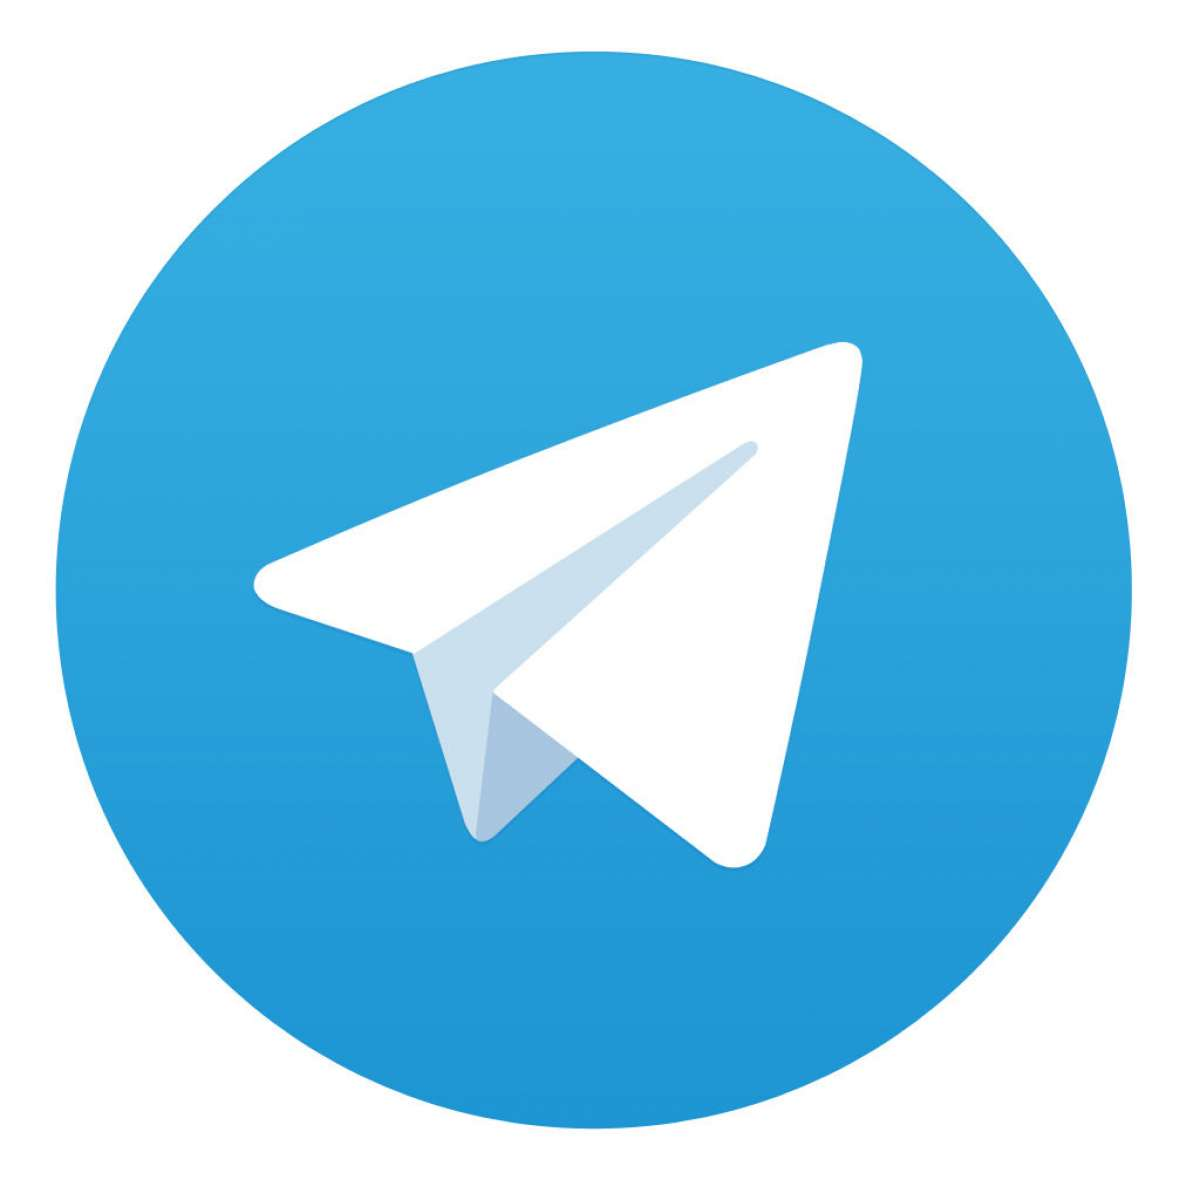 تلگرام تلگرام ۵۰ کانال غیر اخلاقی ایرانی را فیلتر کرد